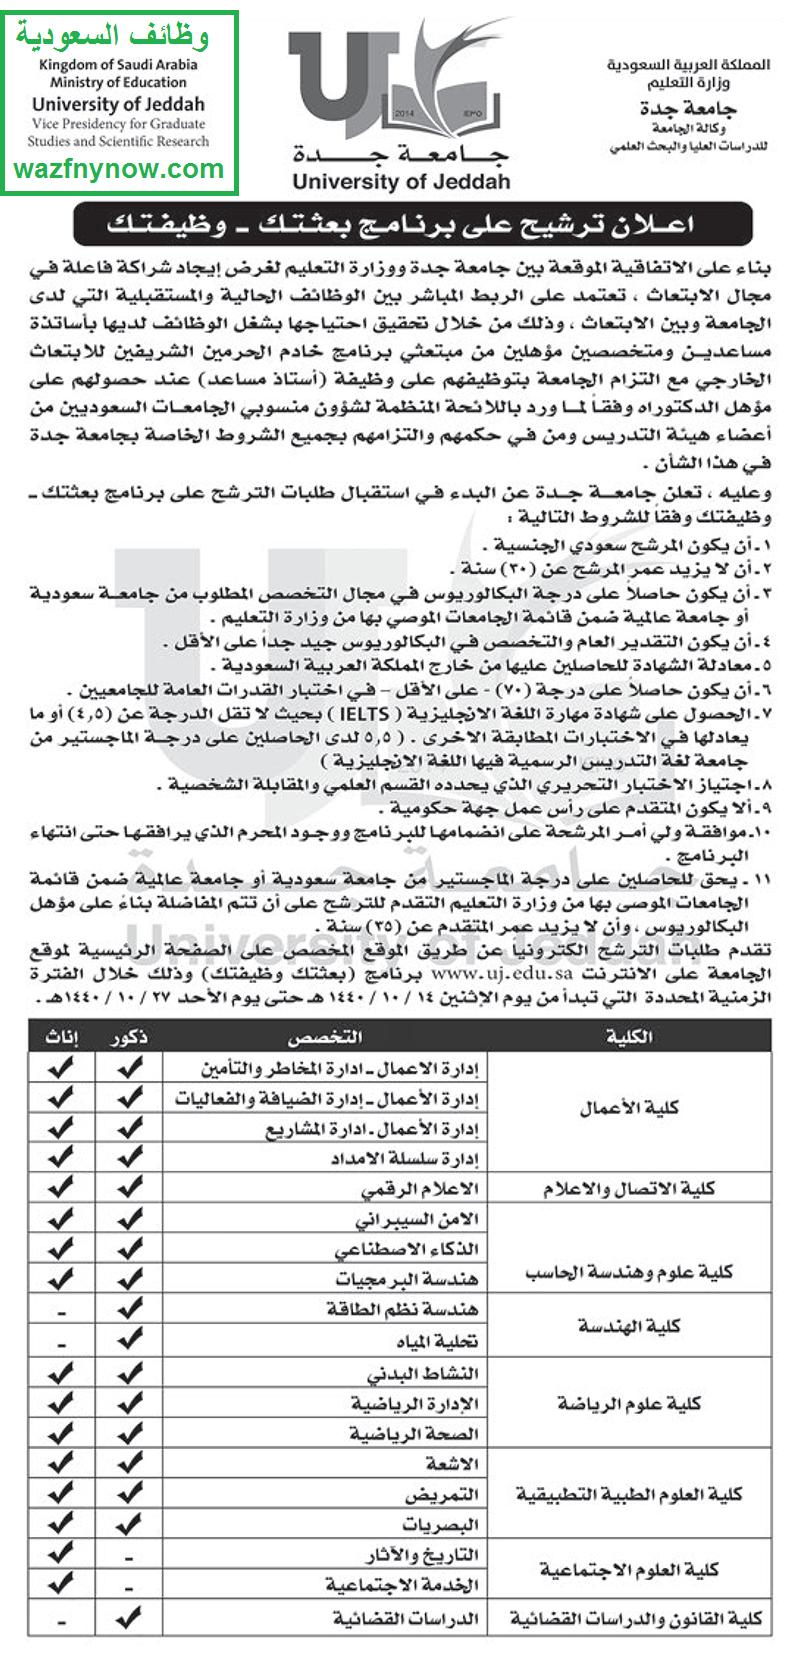 بدء التقديم بمسار #بعثتك_وظيفتك في جامعة حفر الباطن وجدة